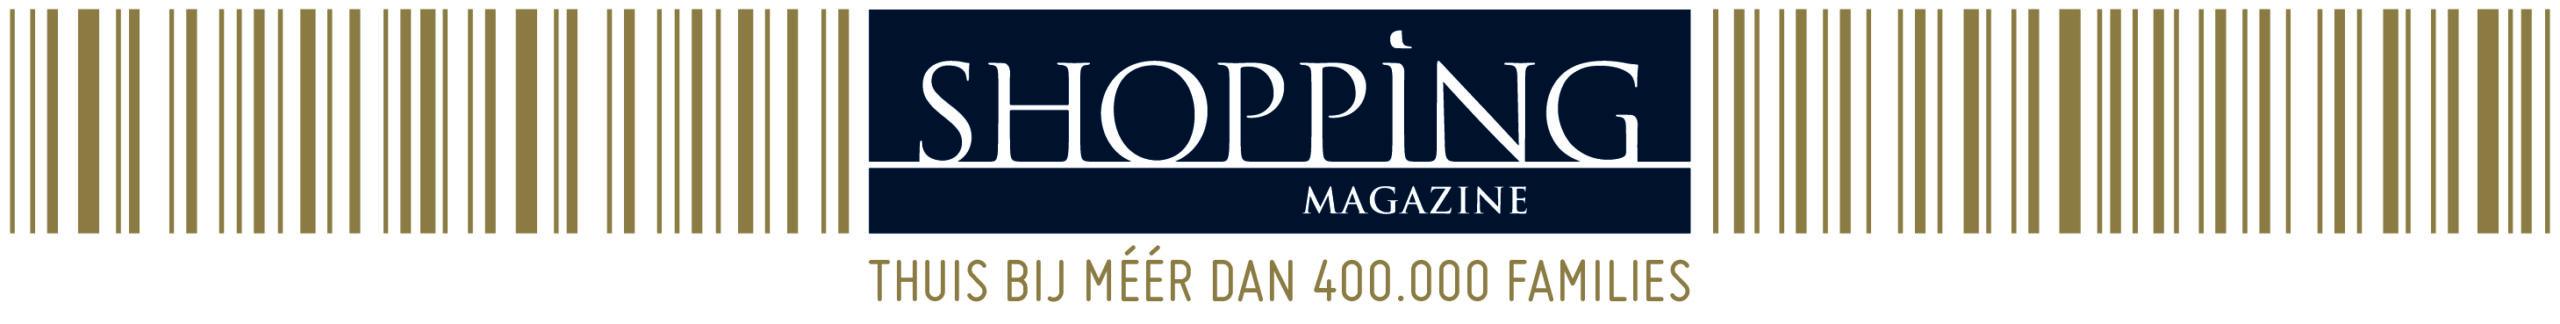 SHOPPING Magazine